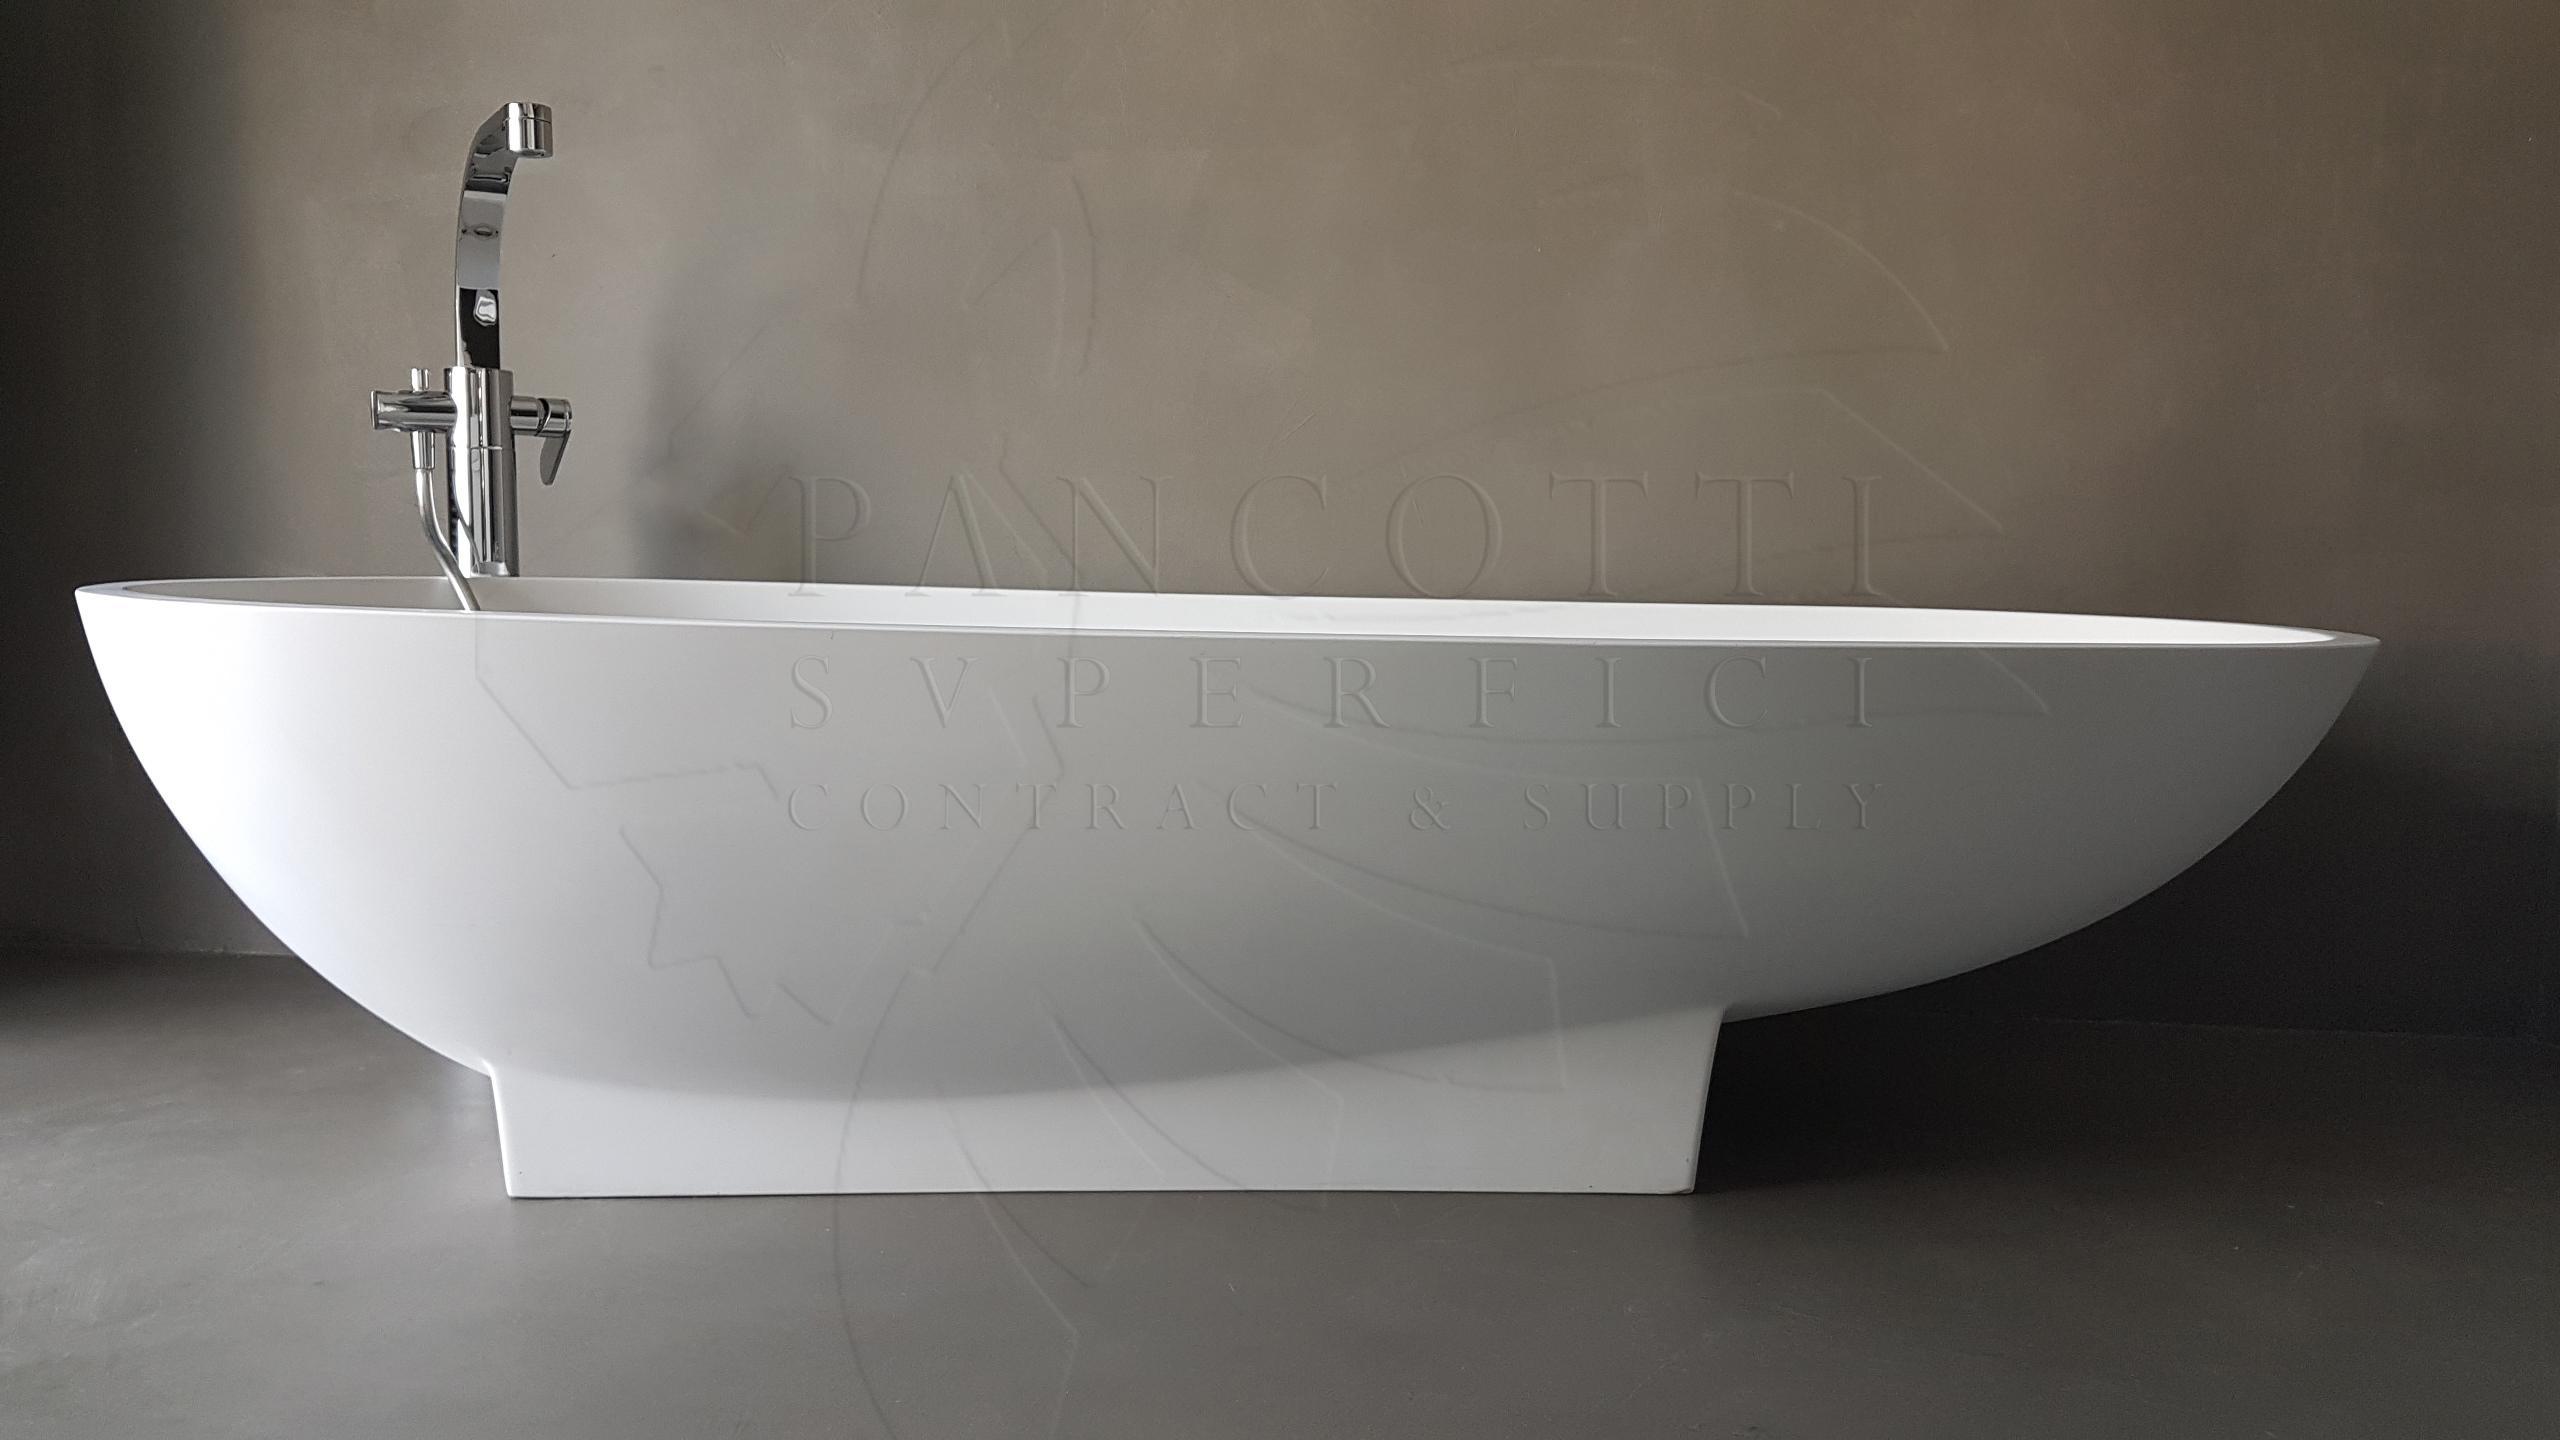 Rinnovare il bagno in 3 giorni pancotti superfici for Rinnovare il bagno senza rompere